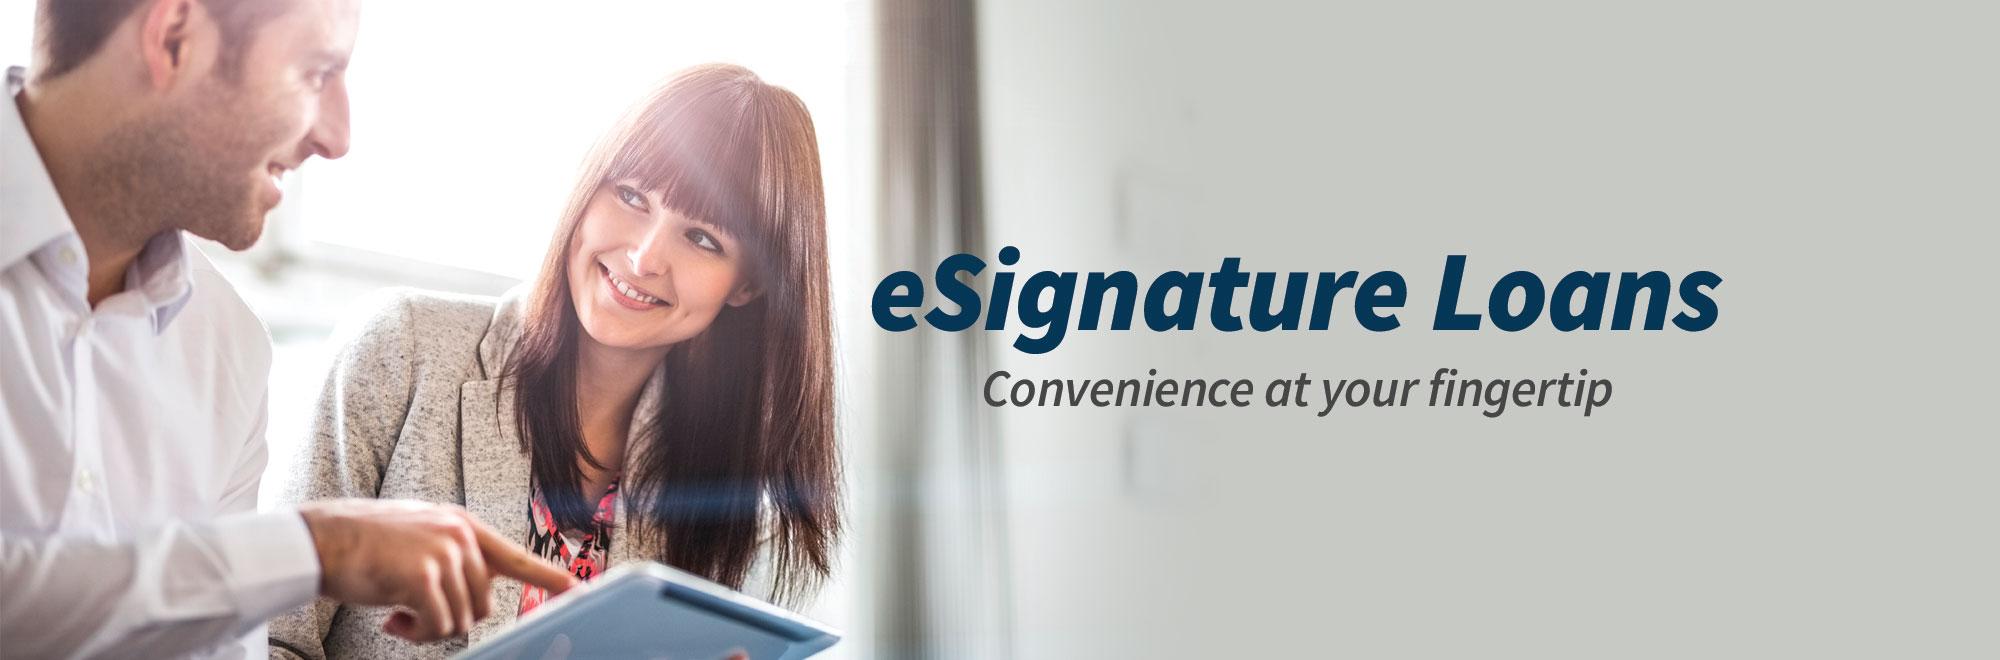 eSignature Loans